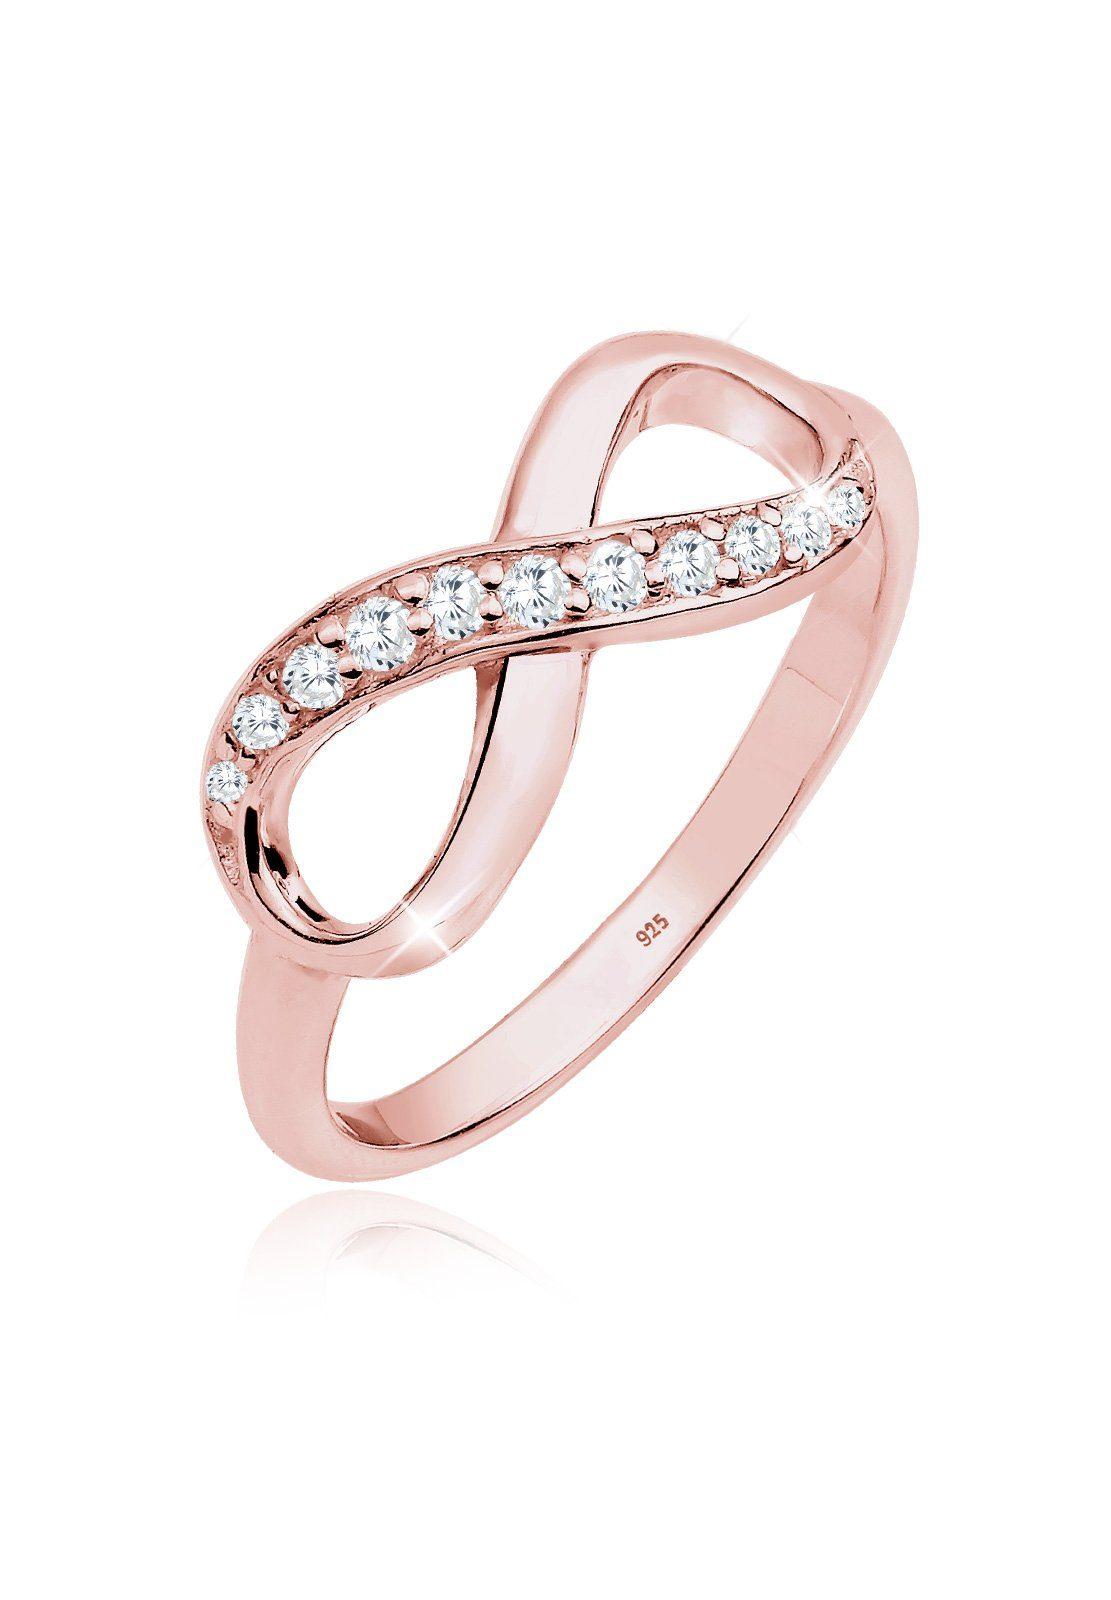 Ring Unendlichkeitszeichen Silber